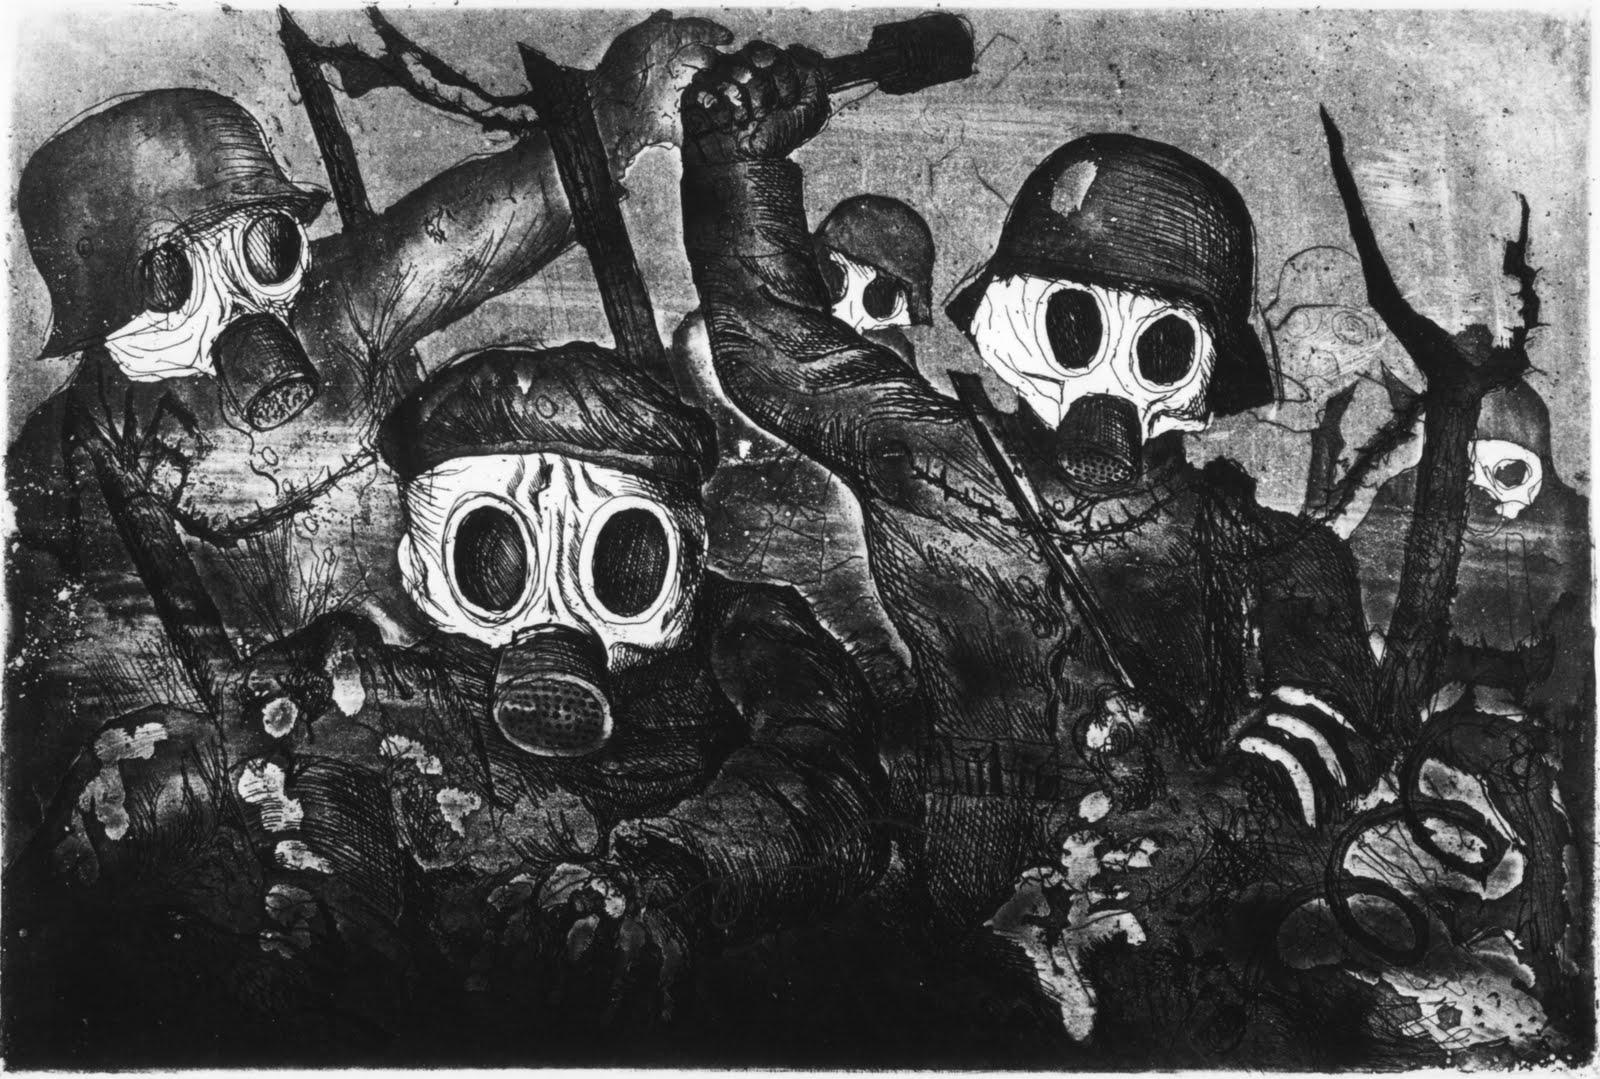 La premiere guerre mondiale histoire et geographie - Comment les cambrioleurs reperent ...